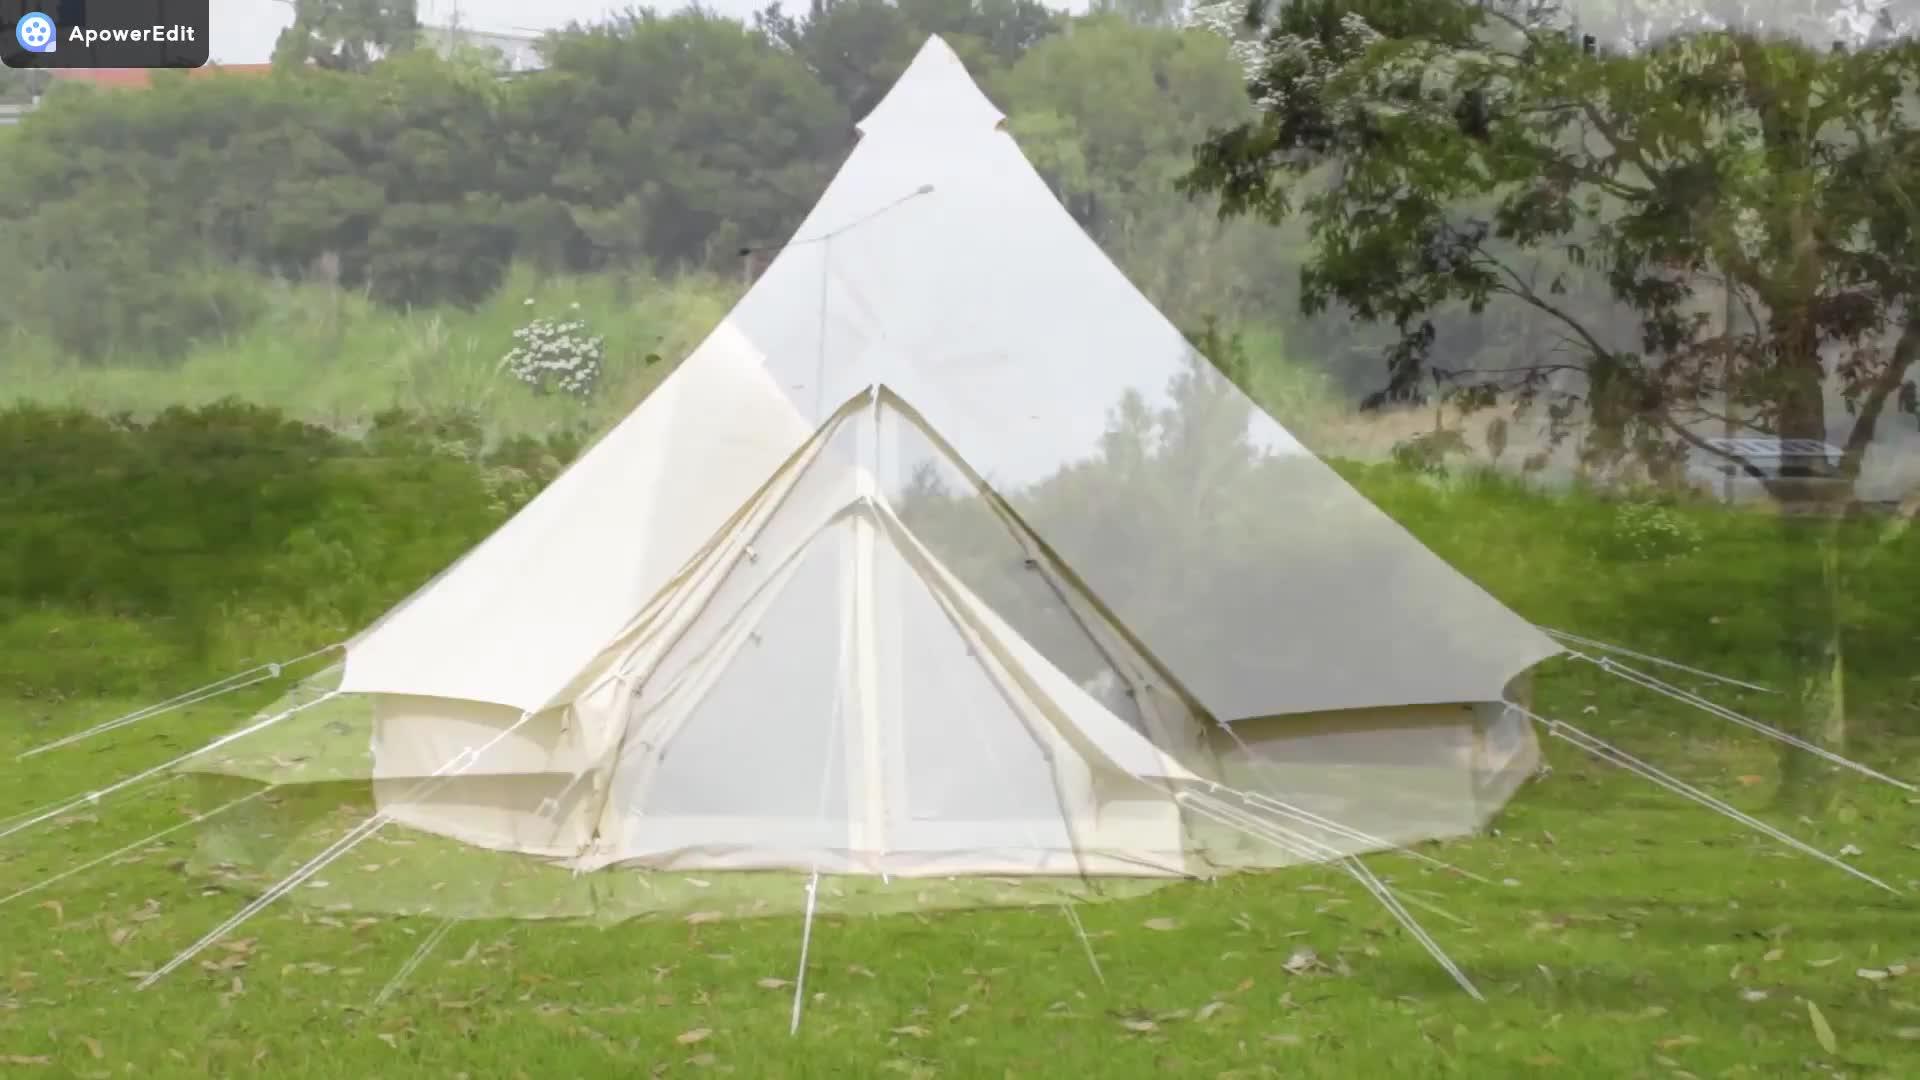 방수 야외 캠핑 면 Canvas 5 메터 벨 텐트 천막 유르트 Glamping 텐트